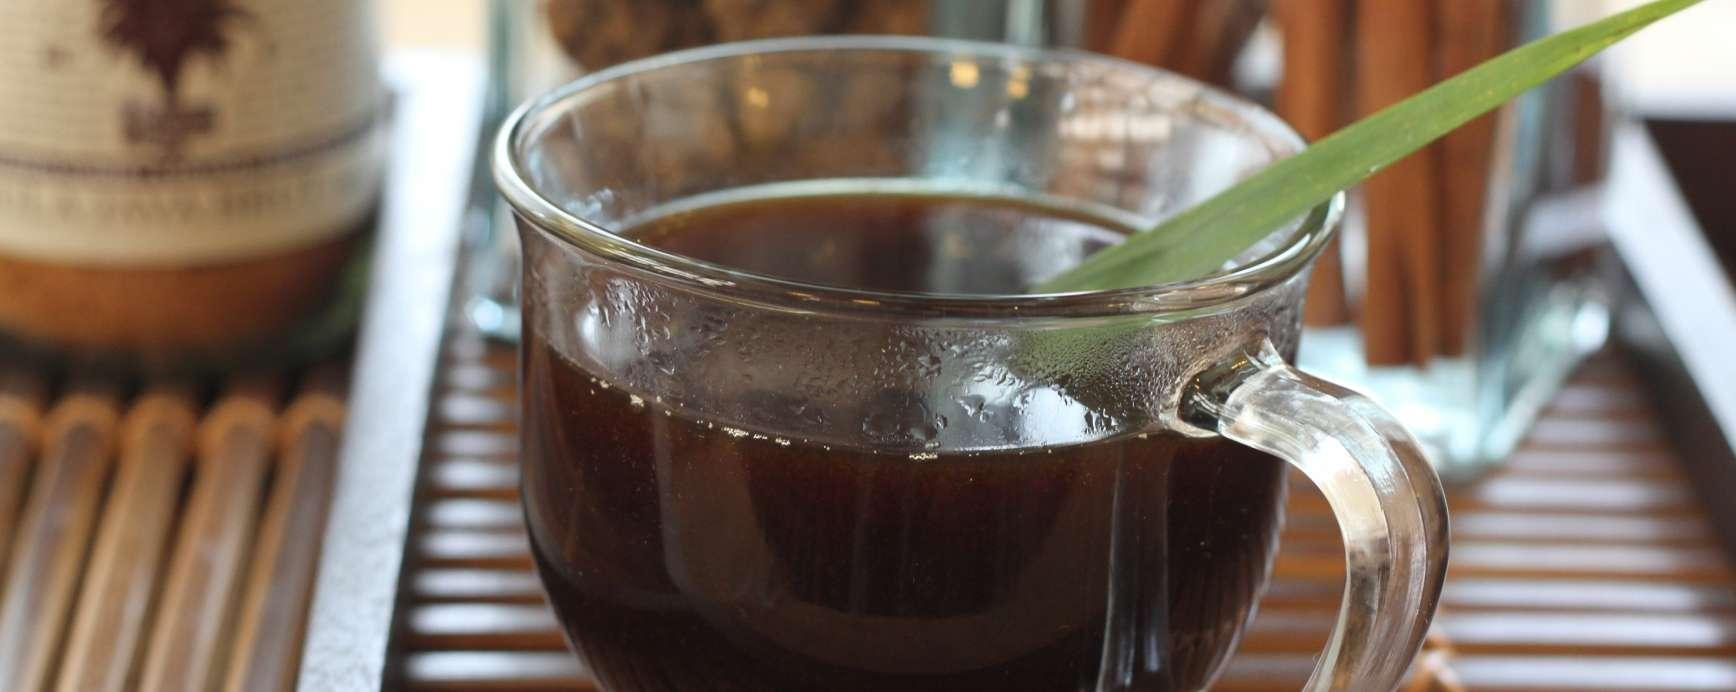 Bantrek: Indonesischer Tee